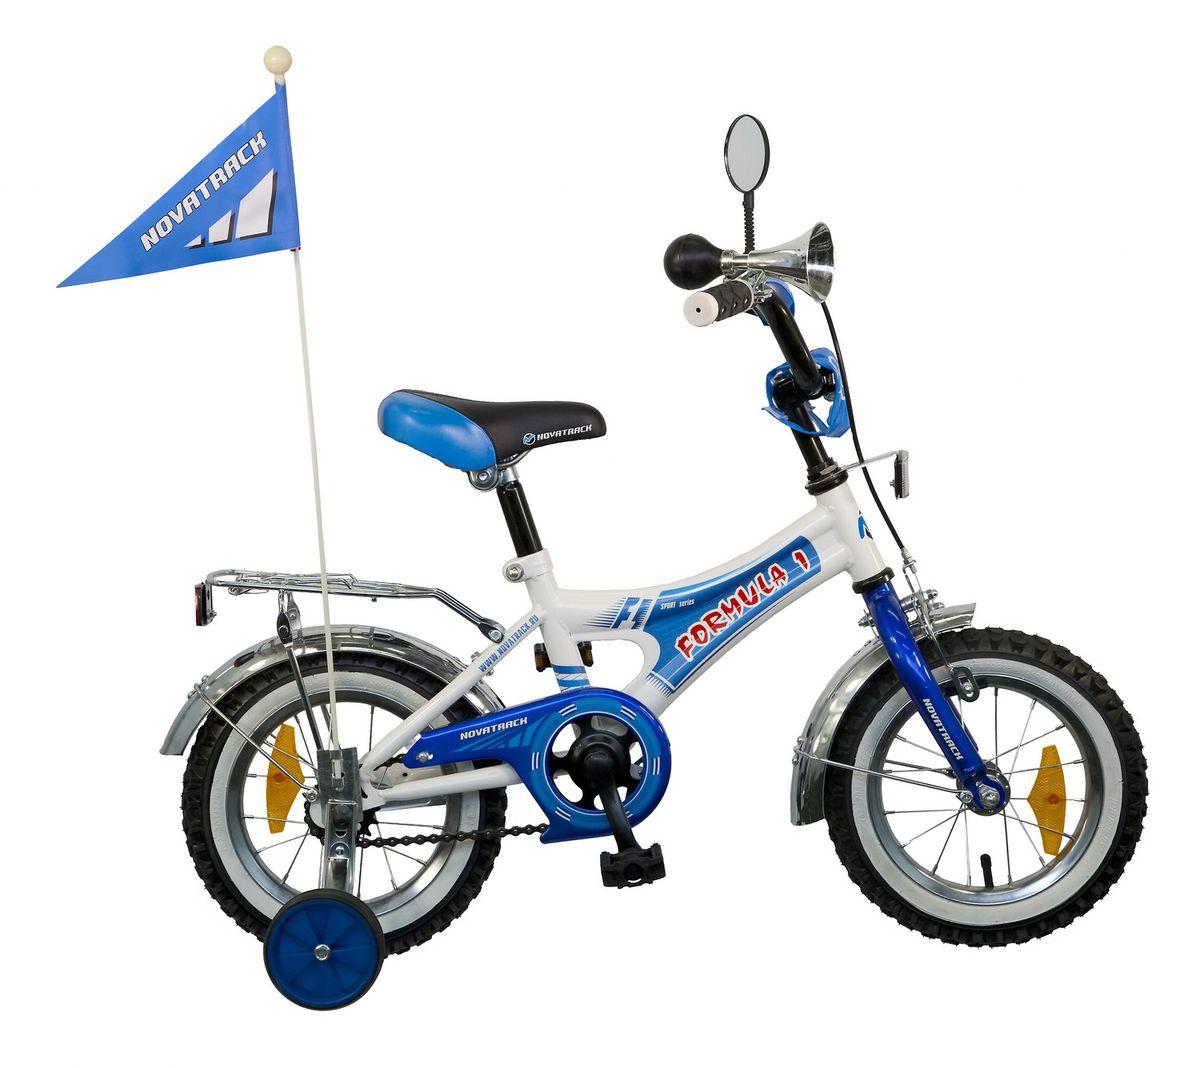 Велосипед детский Novatrack Formula 12, цвет: синий, белый125FORMULA.BL5Велосипед Novatrack Formula с 12-дюймовыми колесами станет отличным подарком для мальчика 2-4 лет. Привлекательный дизайн, надежная сборка, легкость и отличная управляемость – это еще не все плюсы данной модели. Велосипед хорошо укомлпектован: хромированные крылья, багажник, зеркальце, яркий флажок и звонкий гудок. Специальная декоратвная накладка убережет ножки ребенка от соприкосновения с цепью. Хромированные крылья защитят от брызг и грязи. Остановка осуществляется ножным и ручным передним тормозом. В целях безопасности велосипед оснащен ограничителем руля, который не позволит ребенку опрокинуть велосипед при резком повороте. Велосипед Formula оснащен съемными дополнительными колесами, которые можно будет снять, когда ребенок научится держать равновесие.